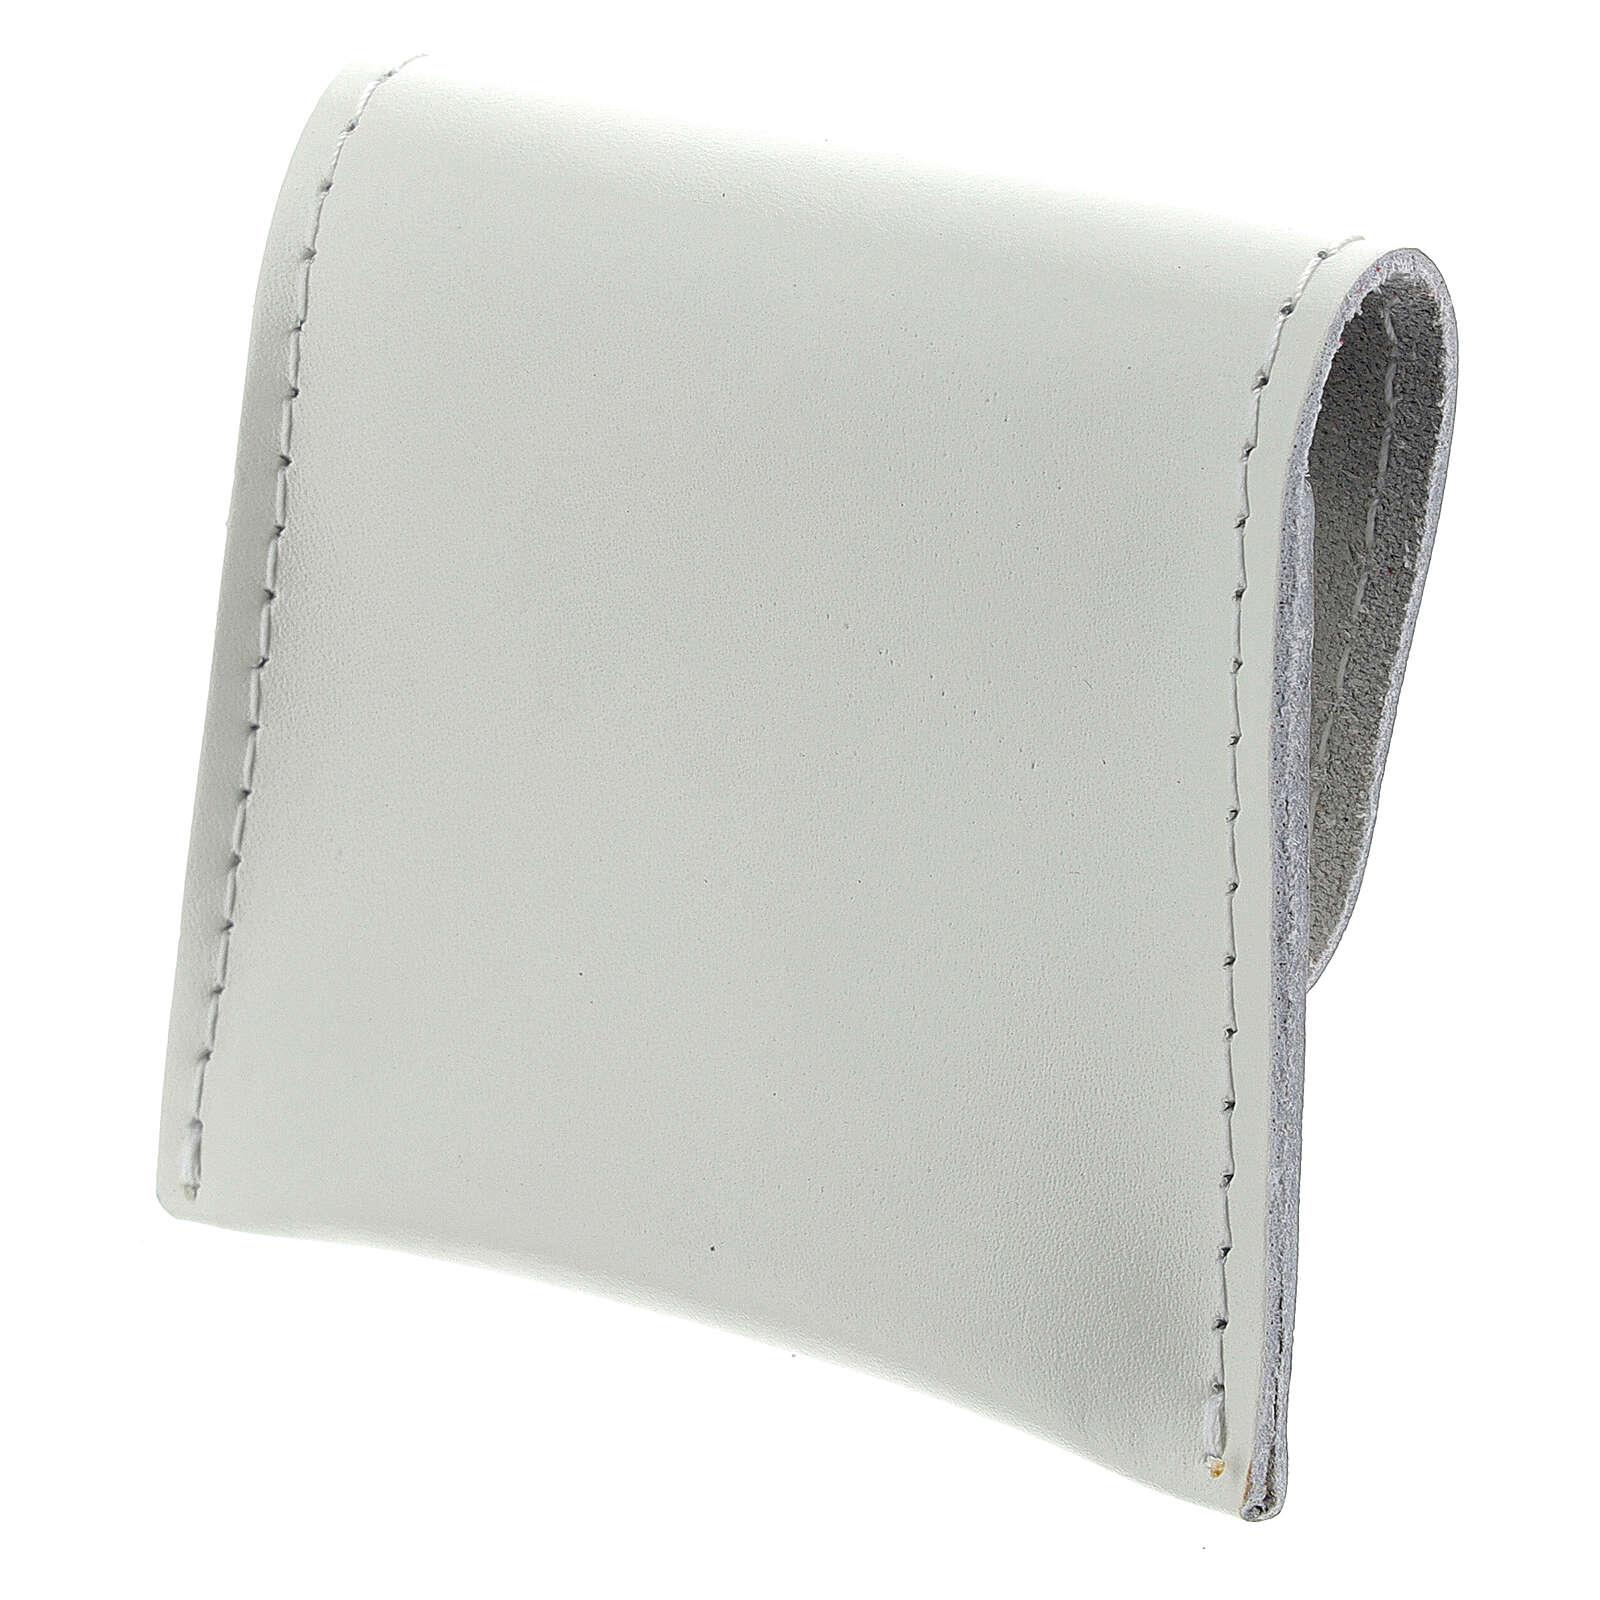 Bustina portarosario bottone pelle bianca 7x8 cm 4